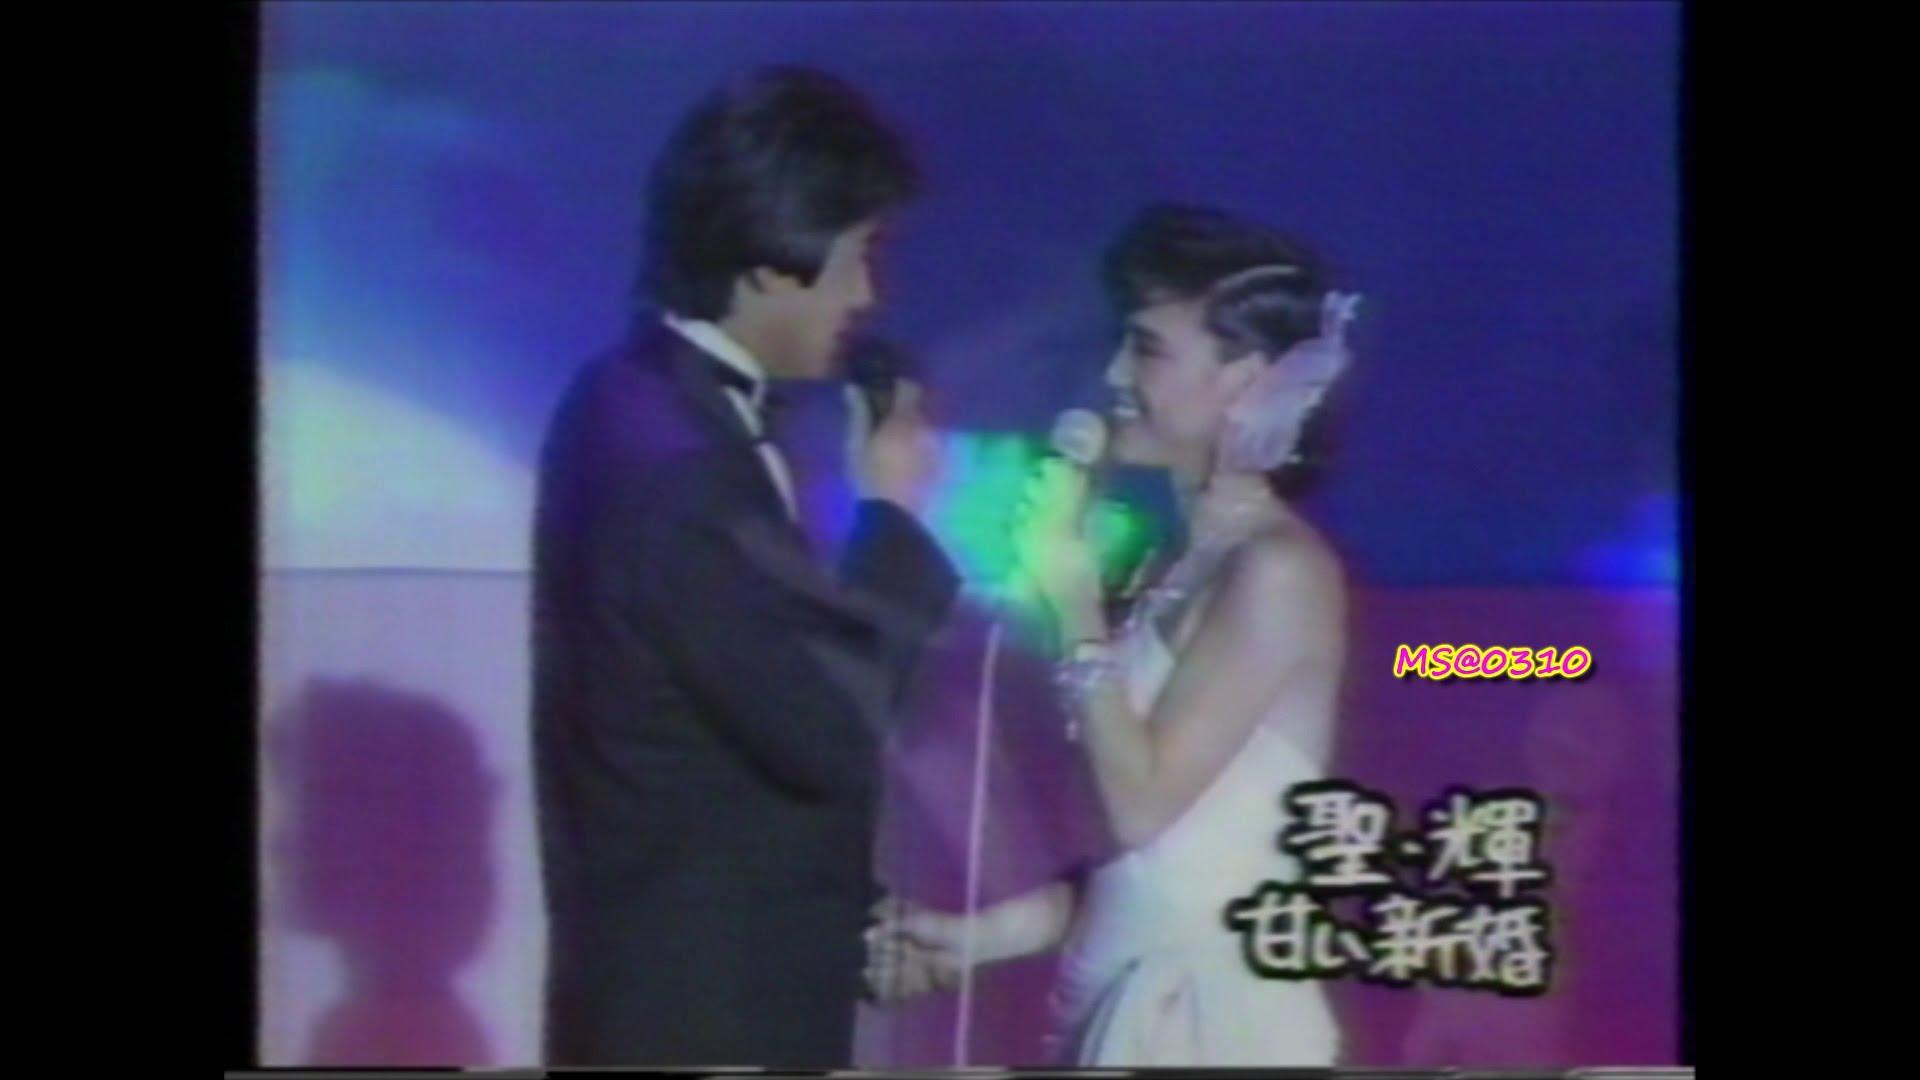 松田聖子 神田正輝 正輝 聖子の結婚を祝う会 高輪プリンスホテル